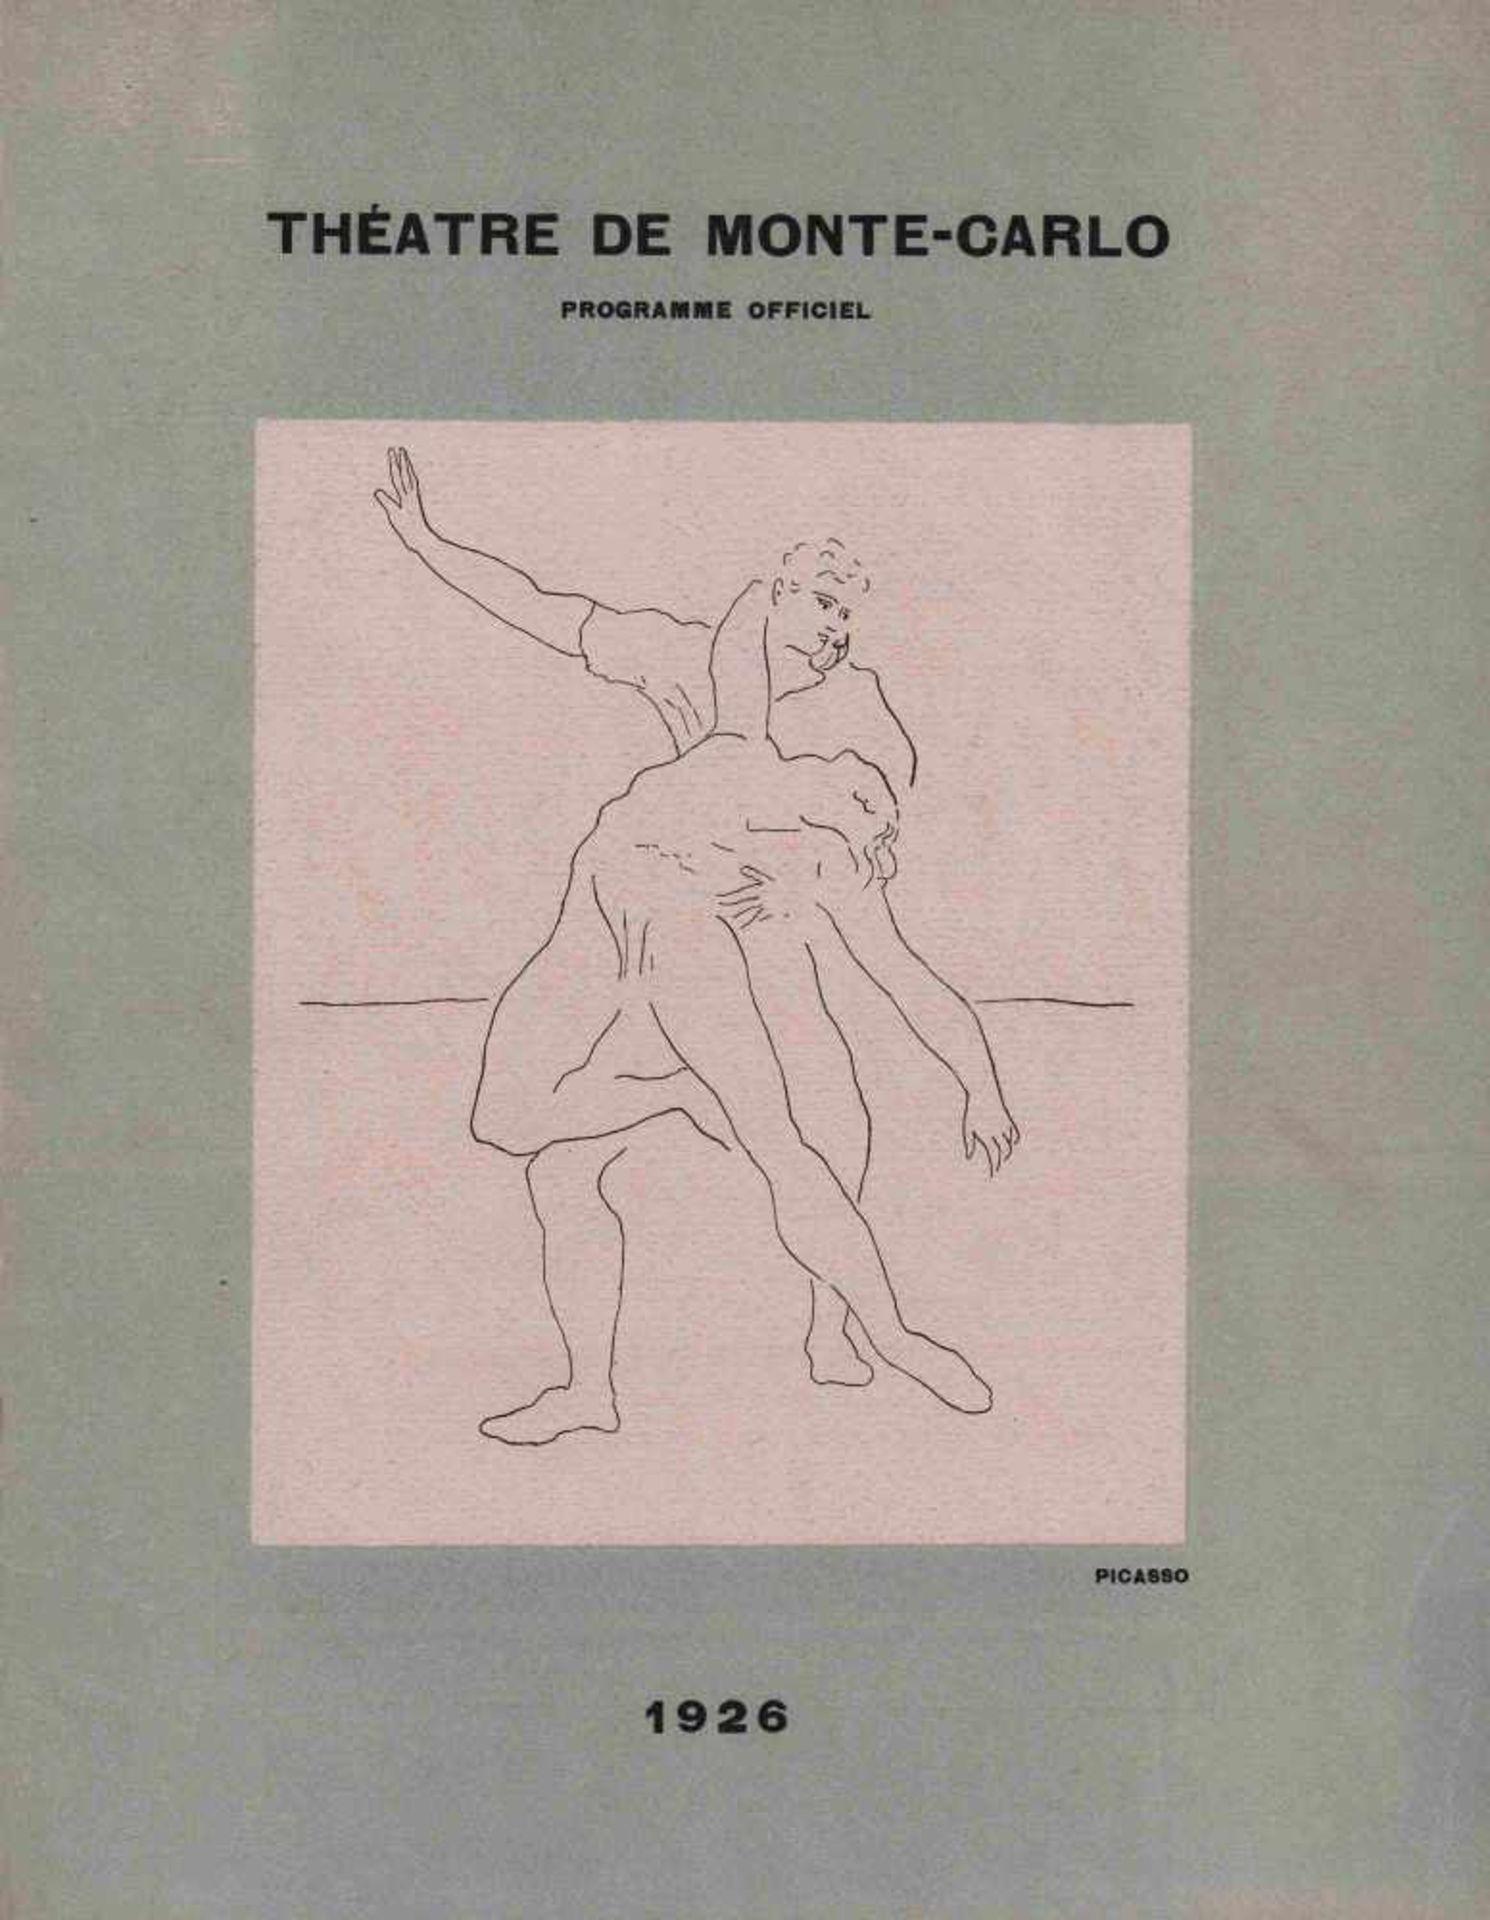 [BALLETS RUSSES, BRAQUE, PICASSO, PRUNA, UTRILLO] Ballets Russes im Théâtre de Monte-Carlo, 1926. M.